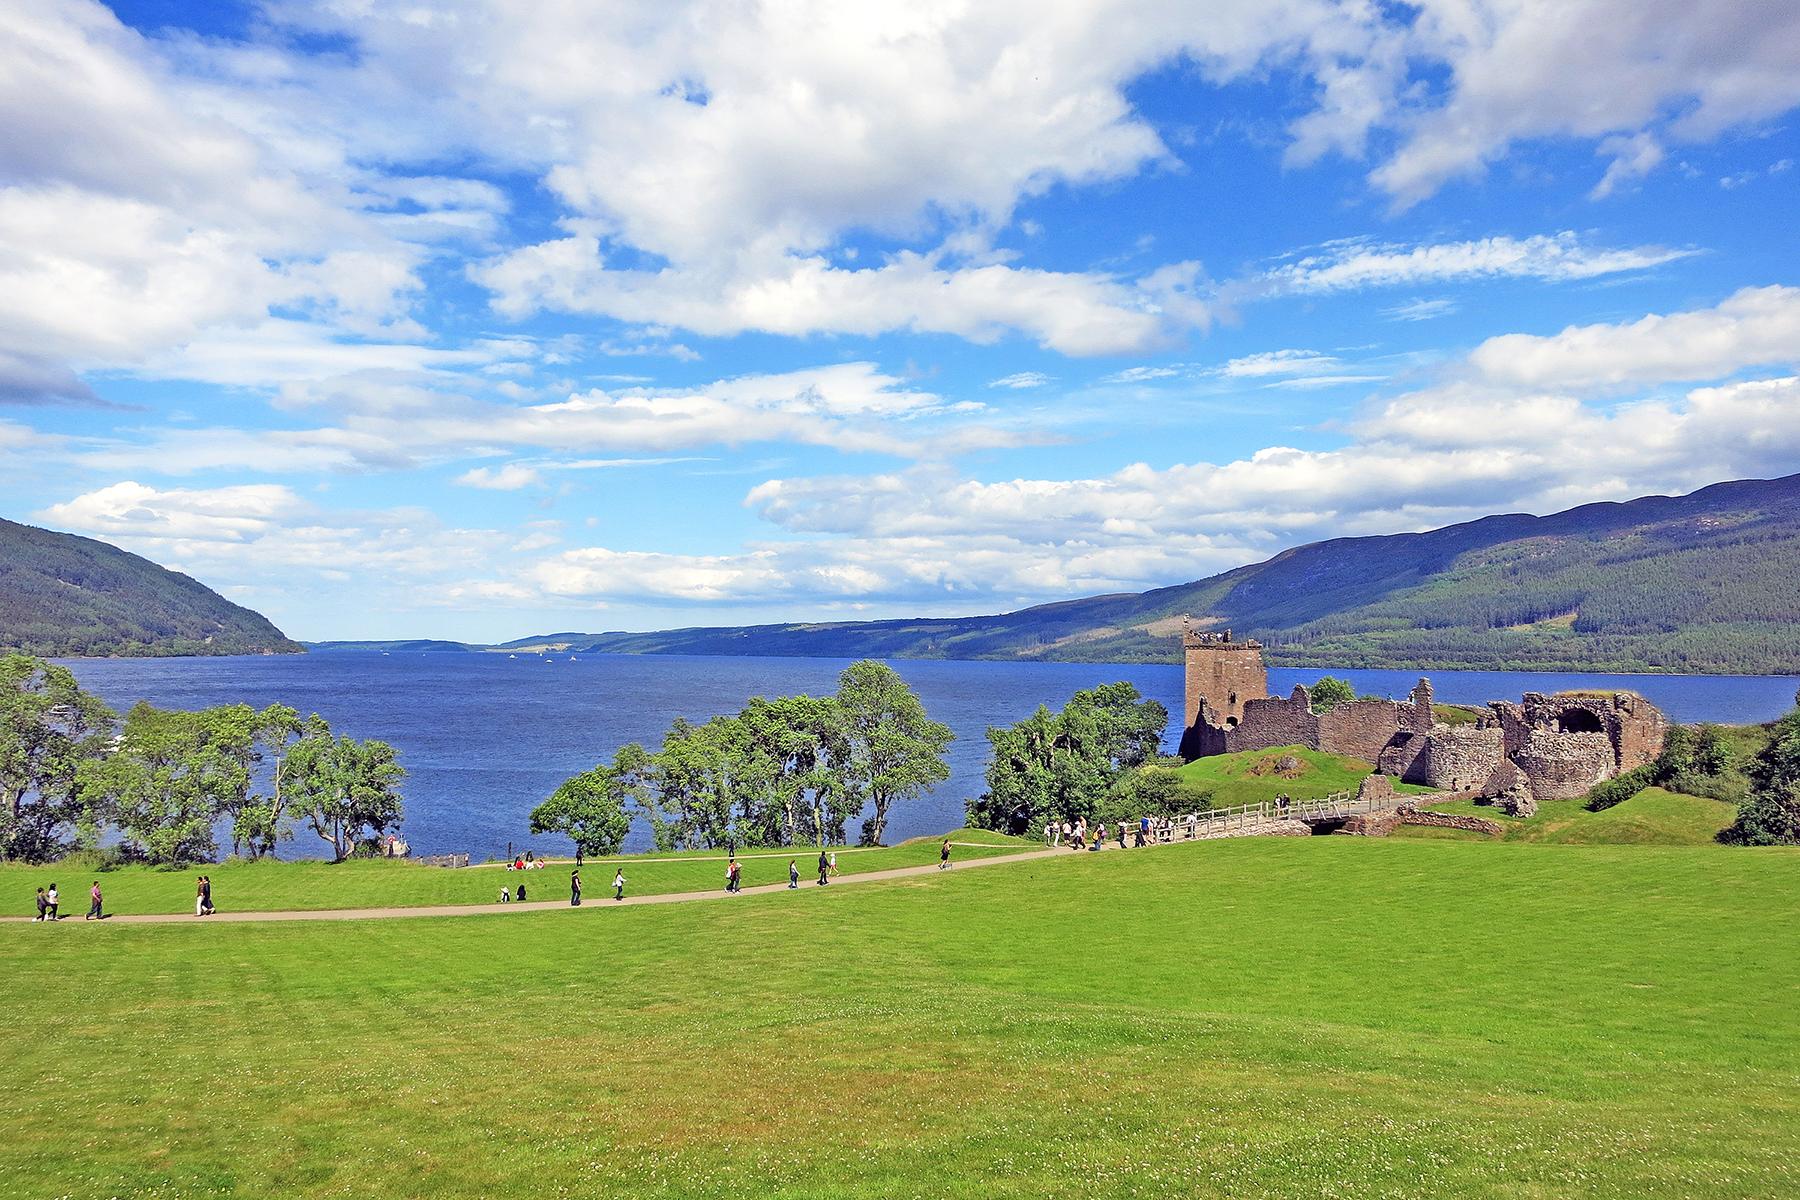 Reise-Special Schottland: Urlaubs-Guide für den nächsten Trip nach Schottland